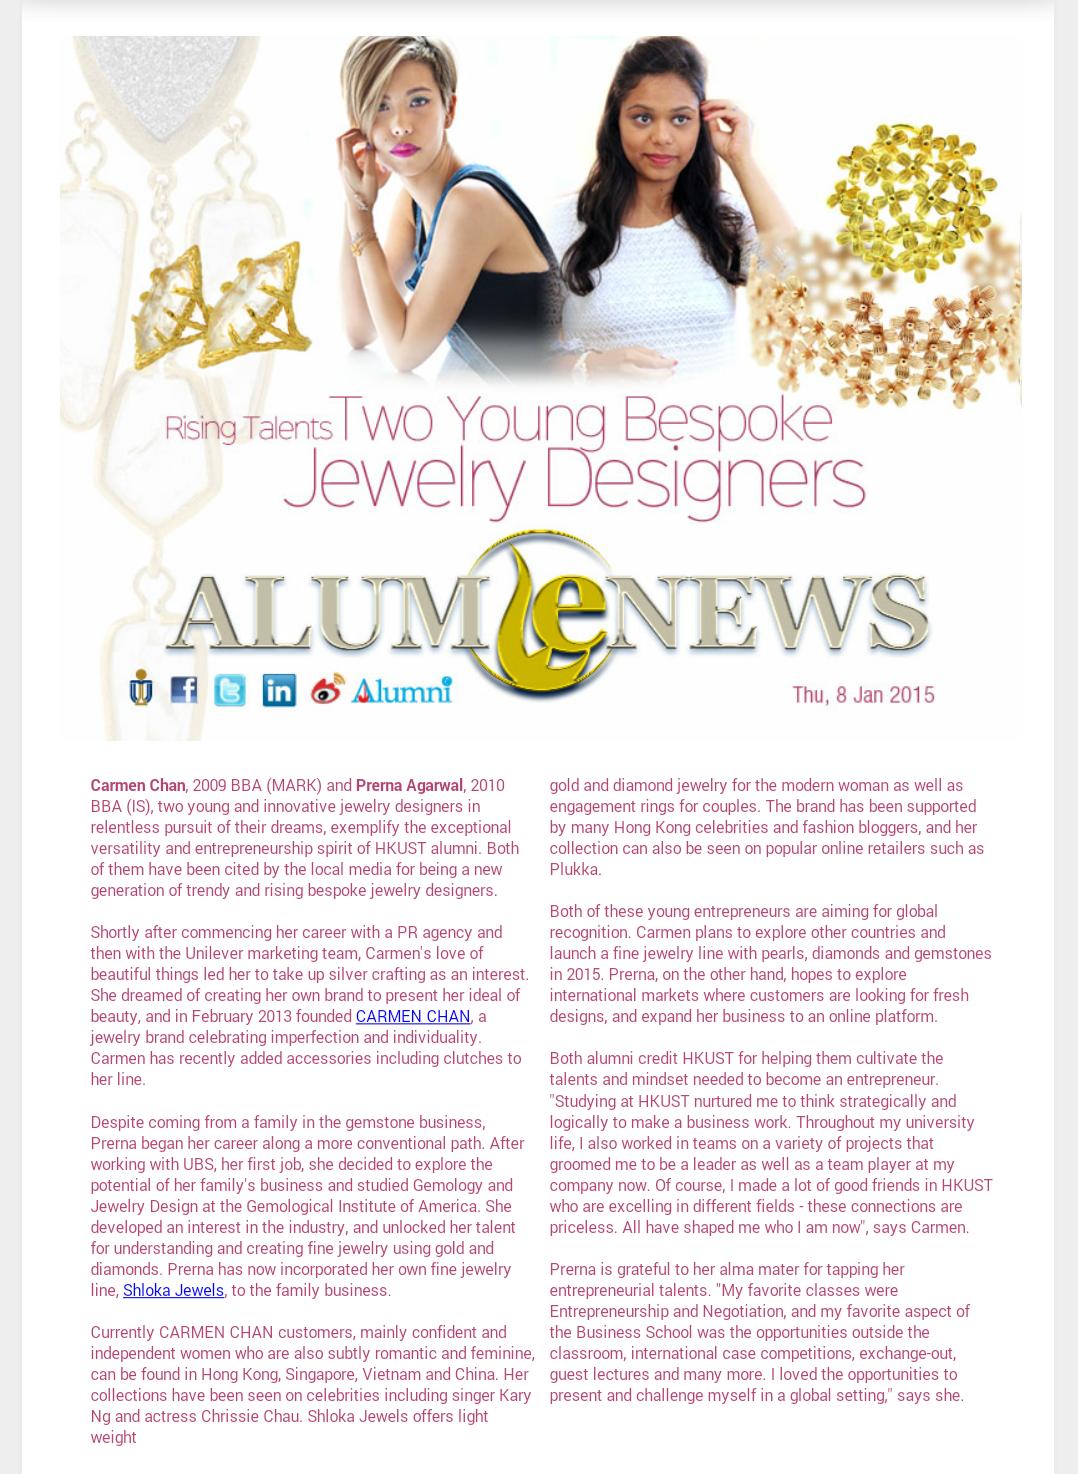 In the spotlight: HKUST Alumni